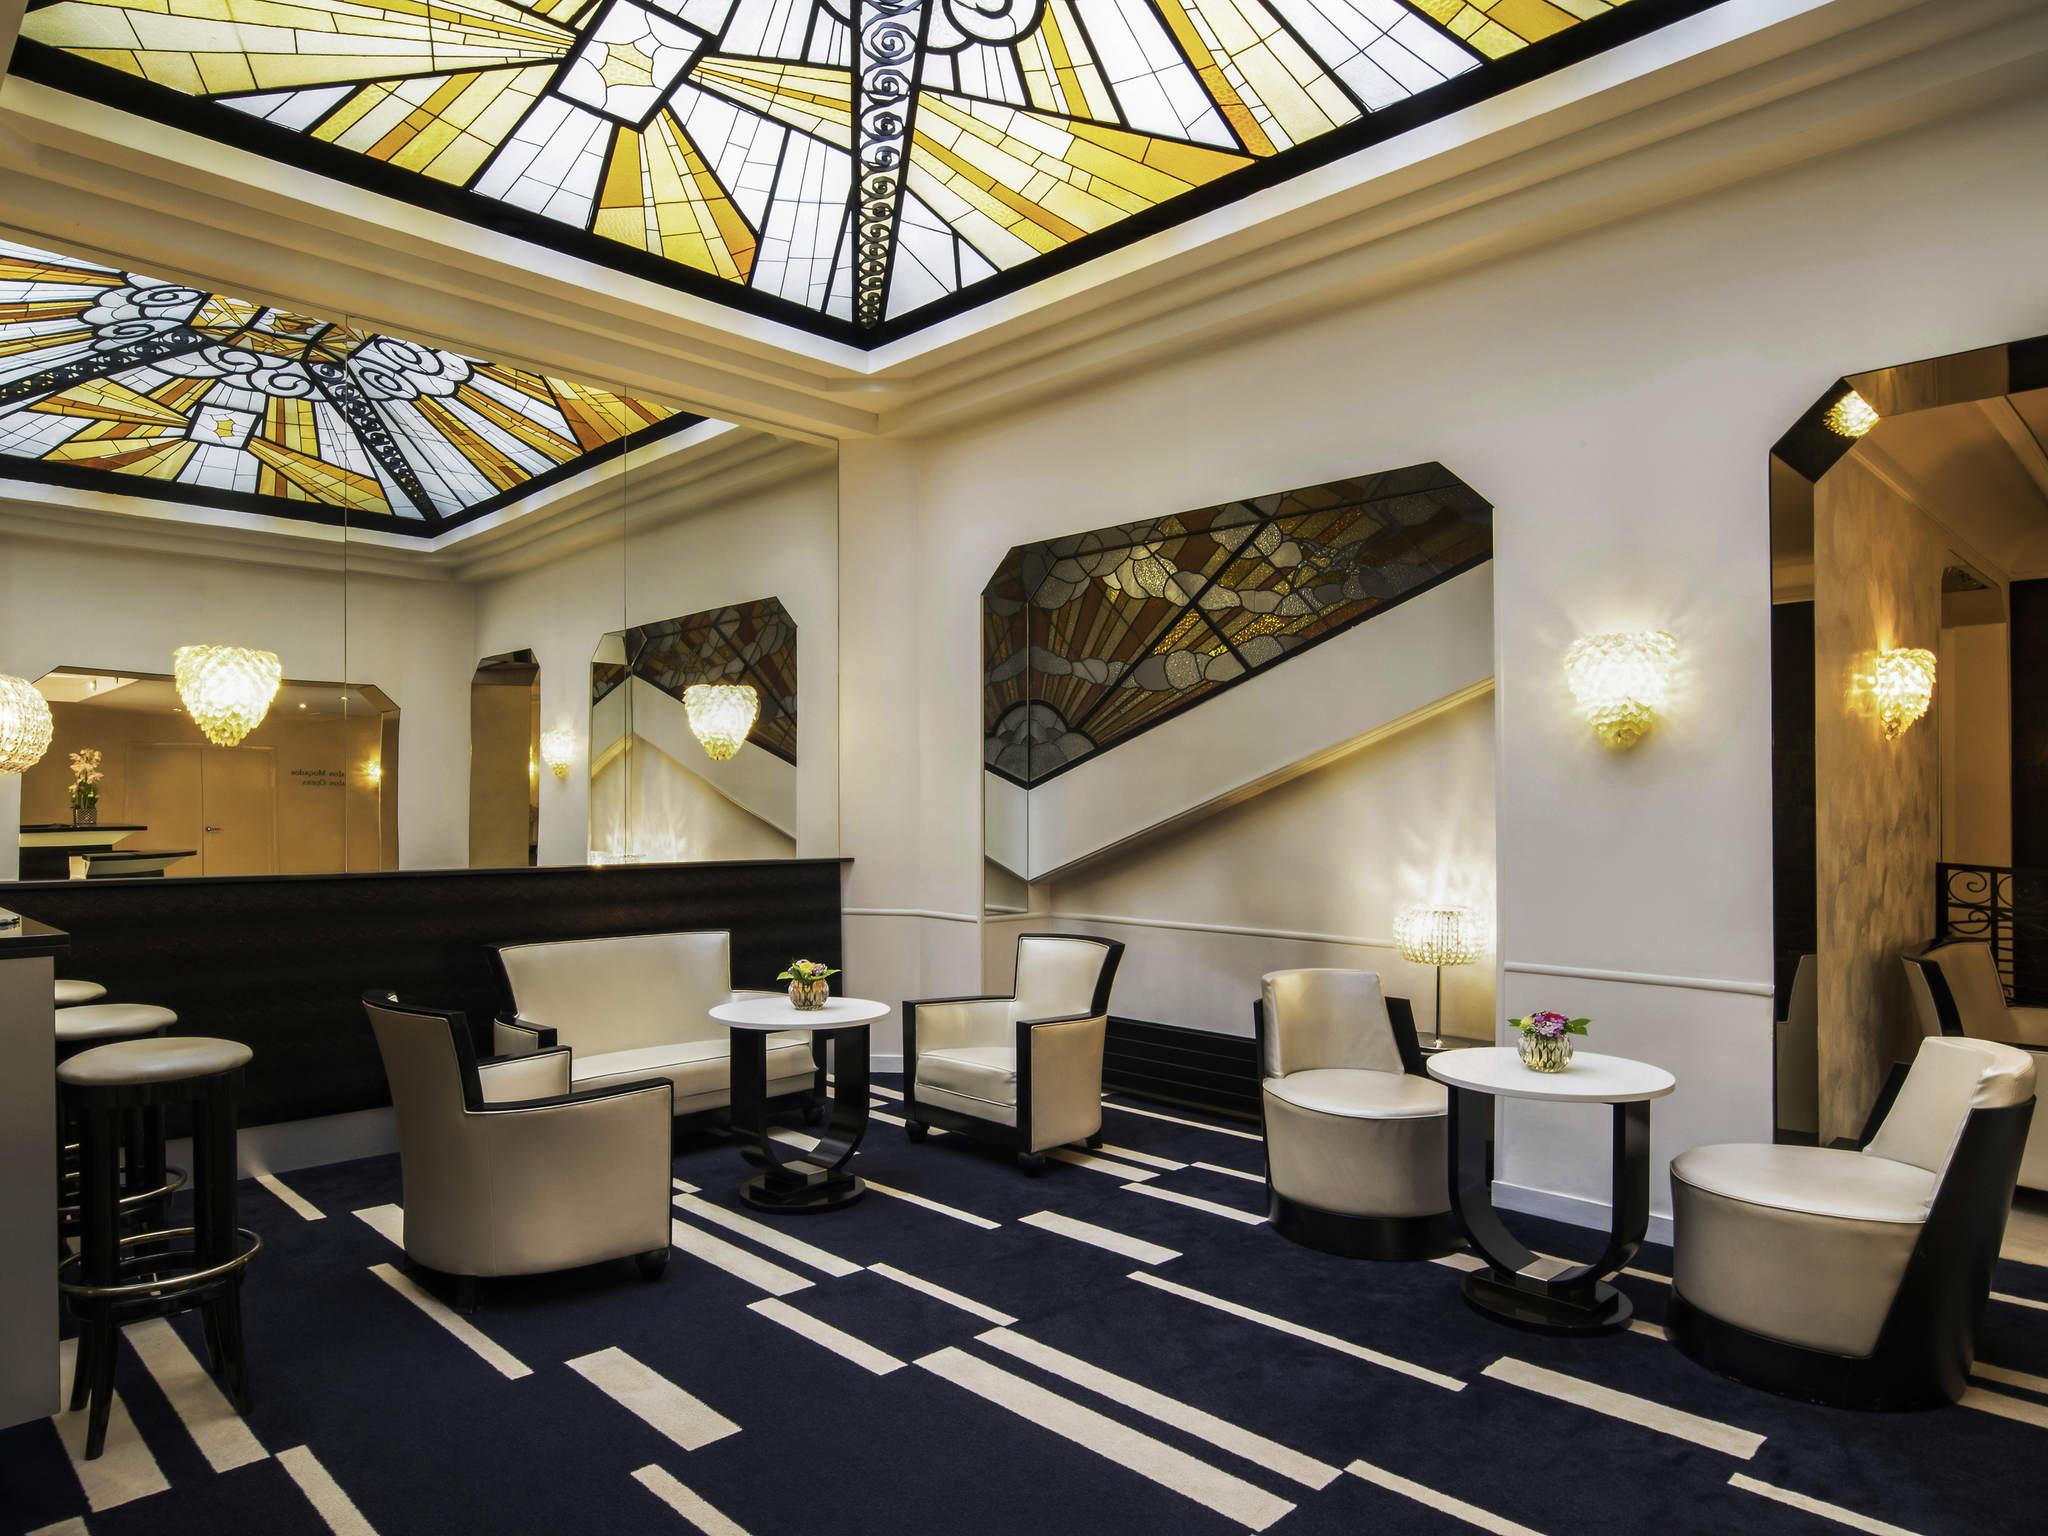 酒店 – 巴黎歌剧院福布尔蒙马特美居酒店